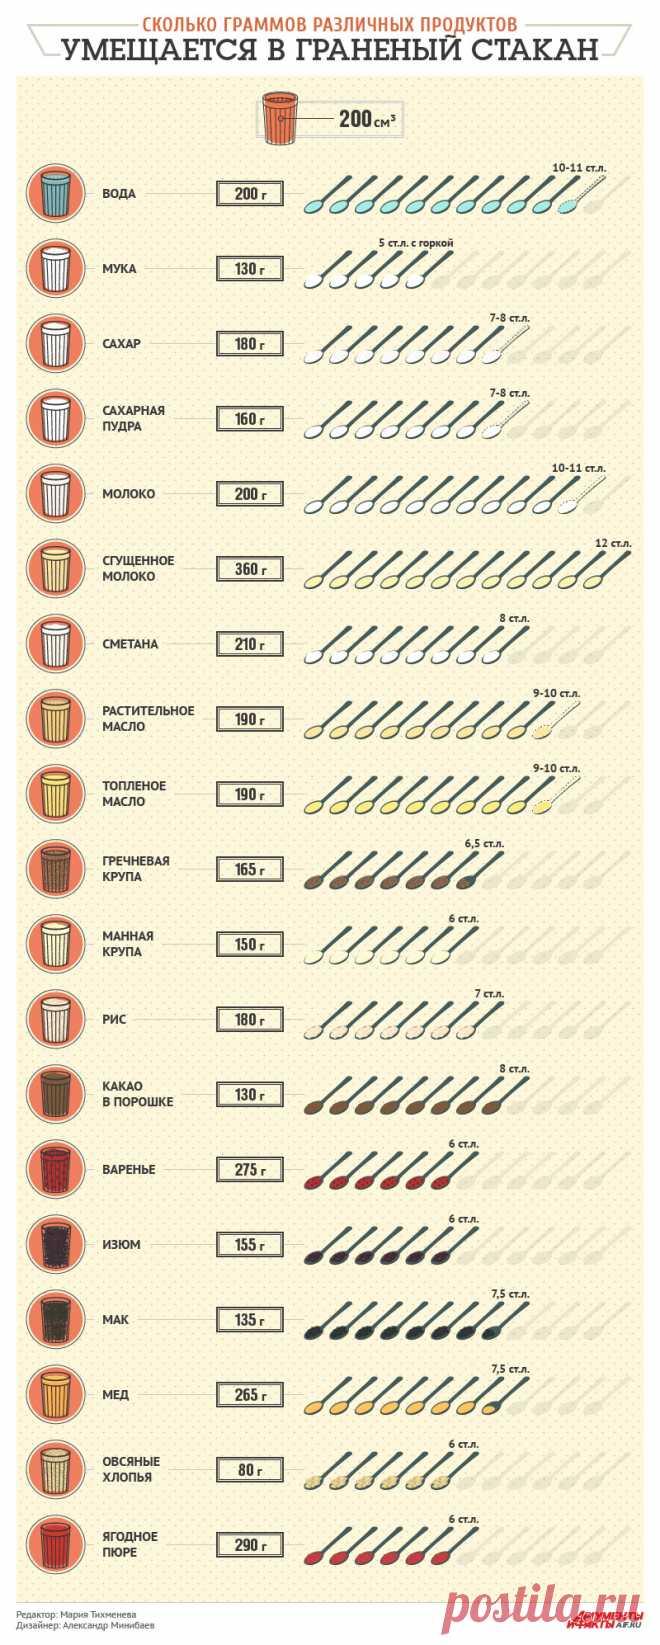 Сколько граммов различных продуктов умещается в граненый стакан. Памятка - Продукты и напитки - Кухня - Аргументы и Факты